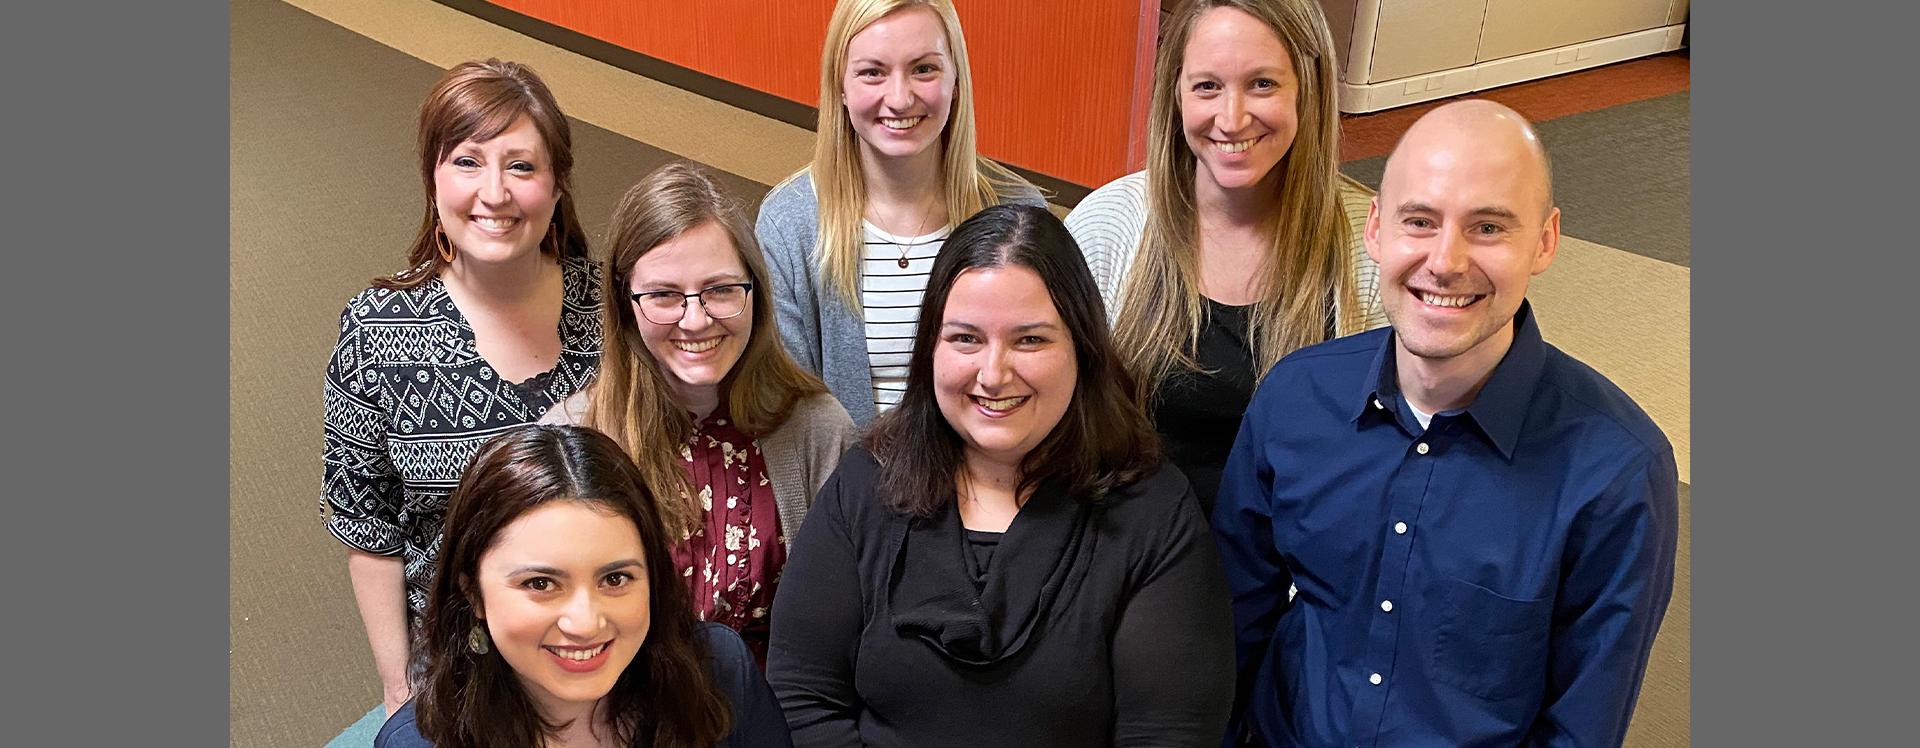 UW Extended Campus recruitment team